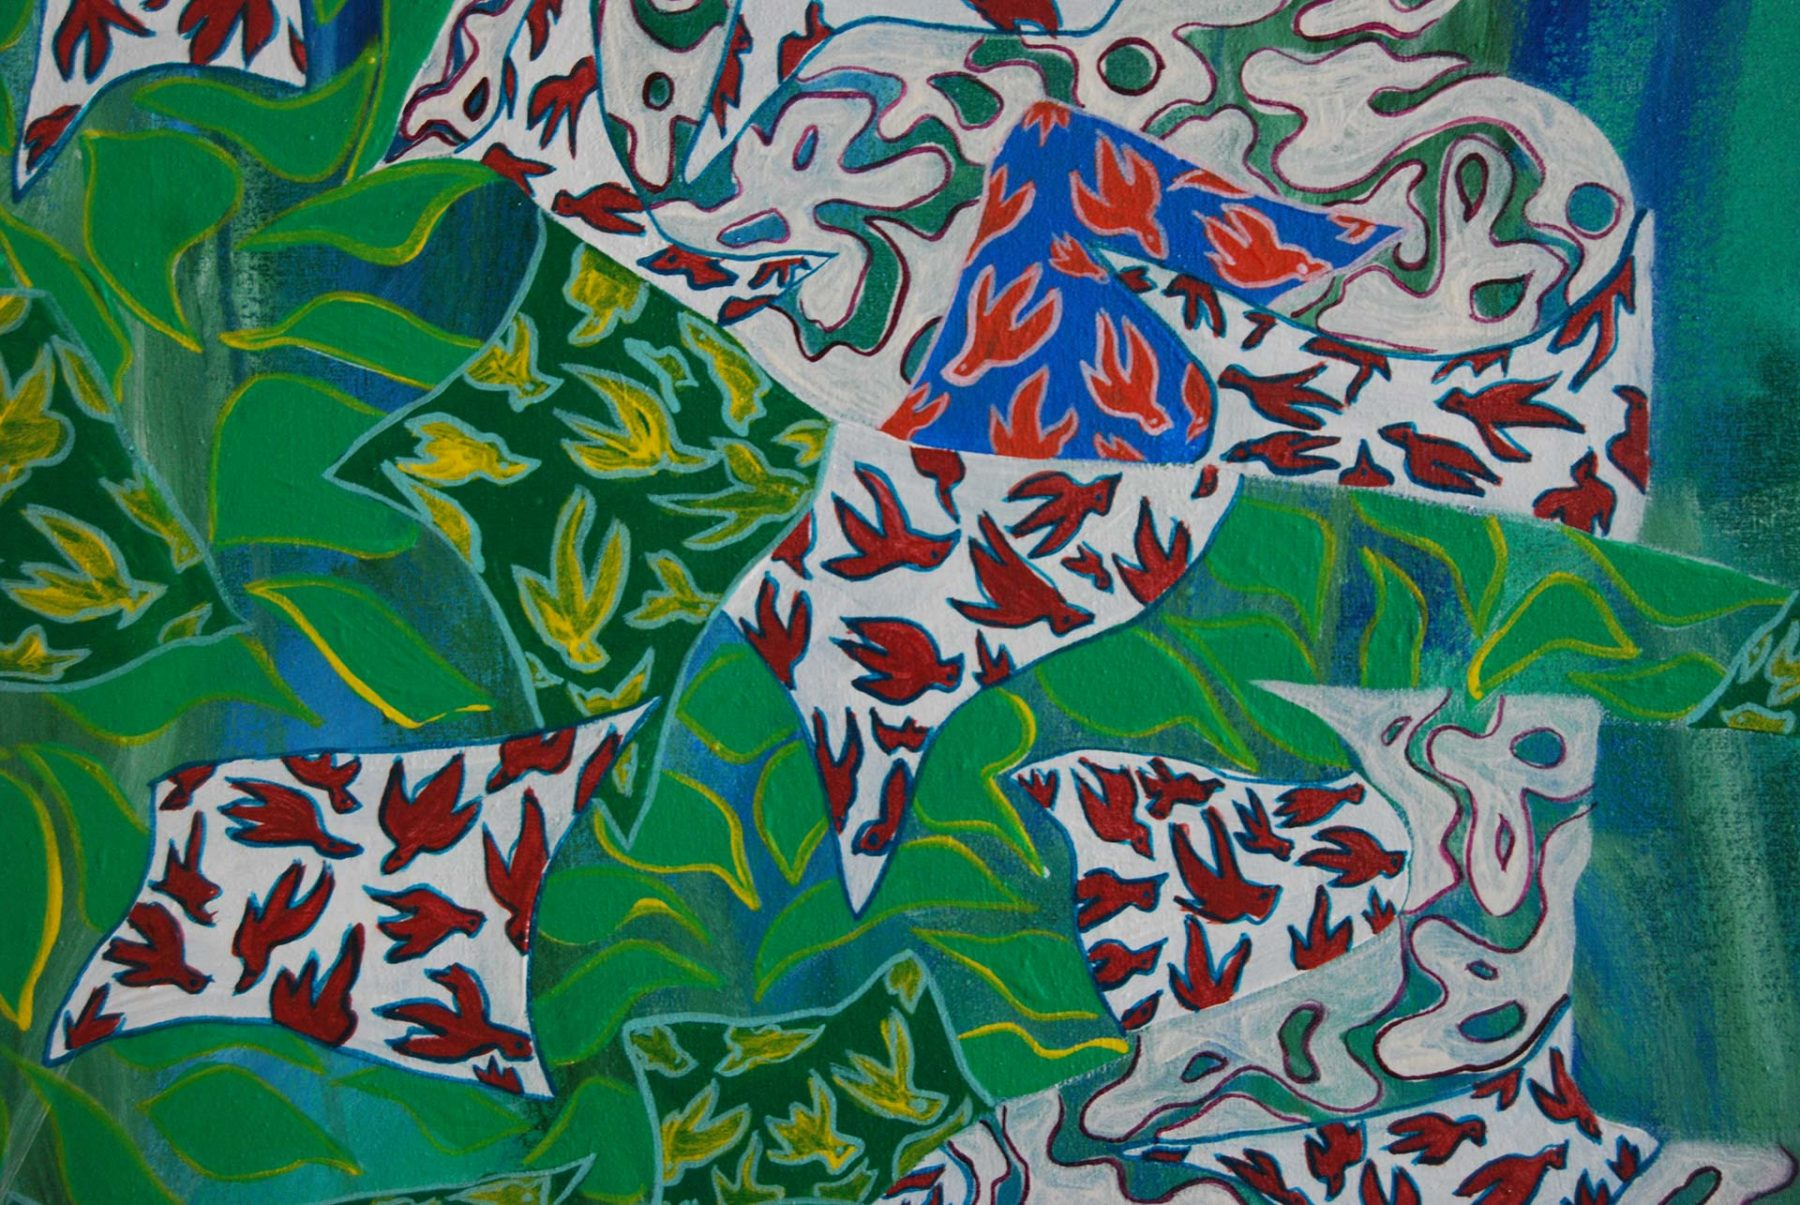 Spring Fajr Landscape, detail 1